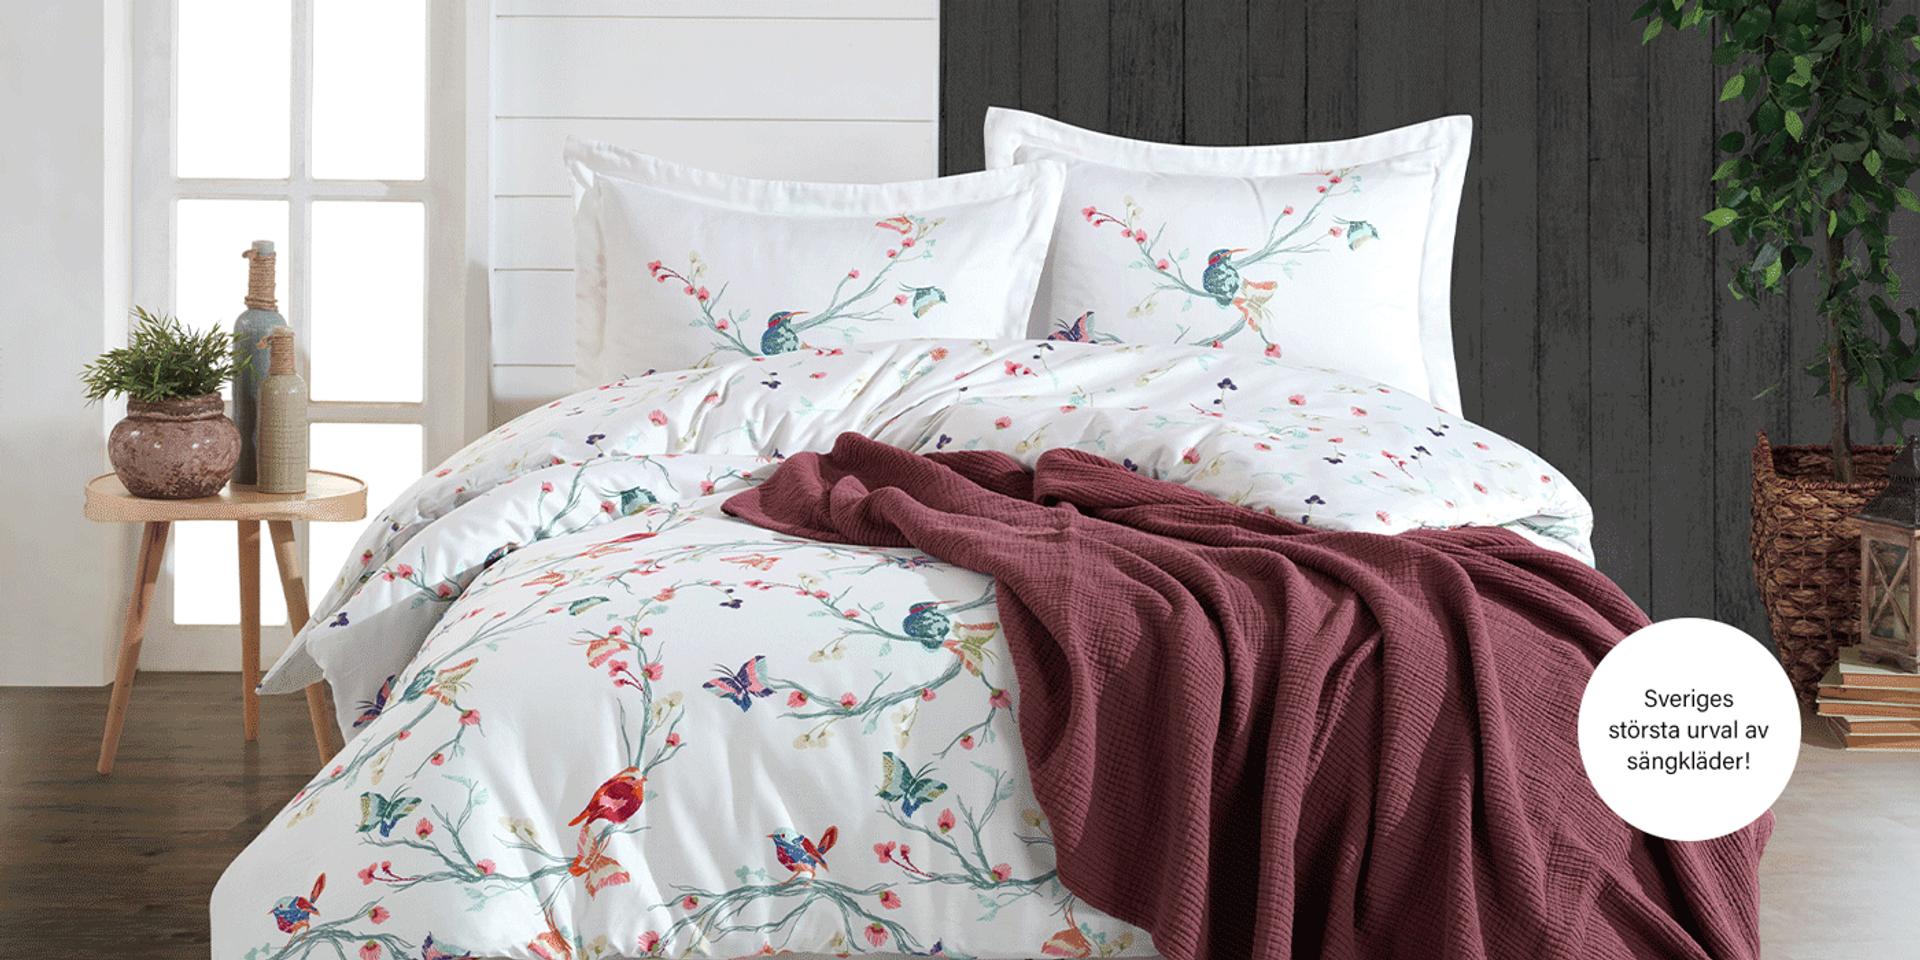 Sveriges största urval av sängkläder